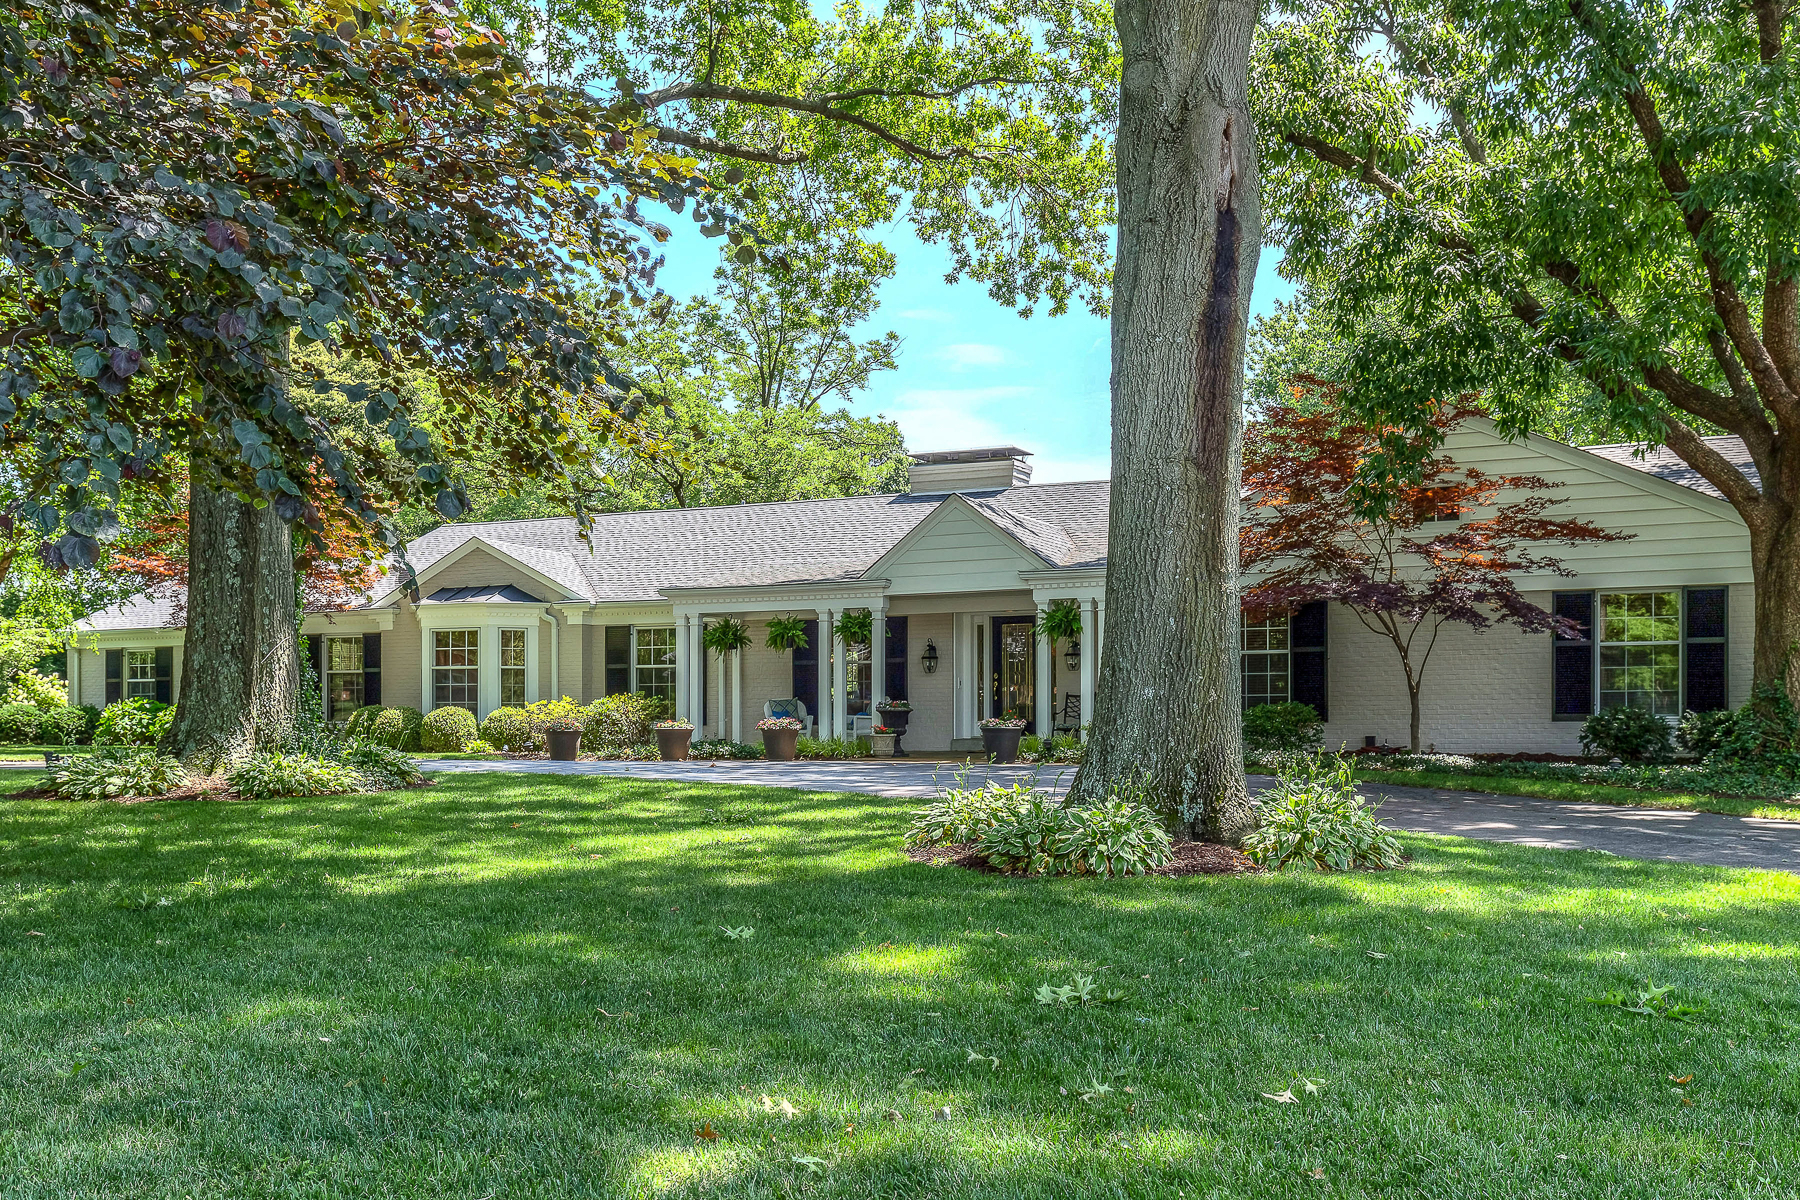 Частный односемейный дом для того Продажа на Devondale 2940 Devondale Place Frontenac, Миссури, 63131 Соединенные Штаты